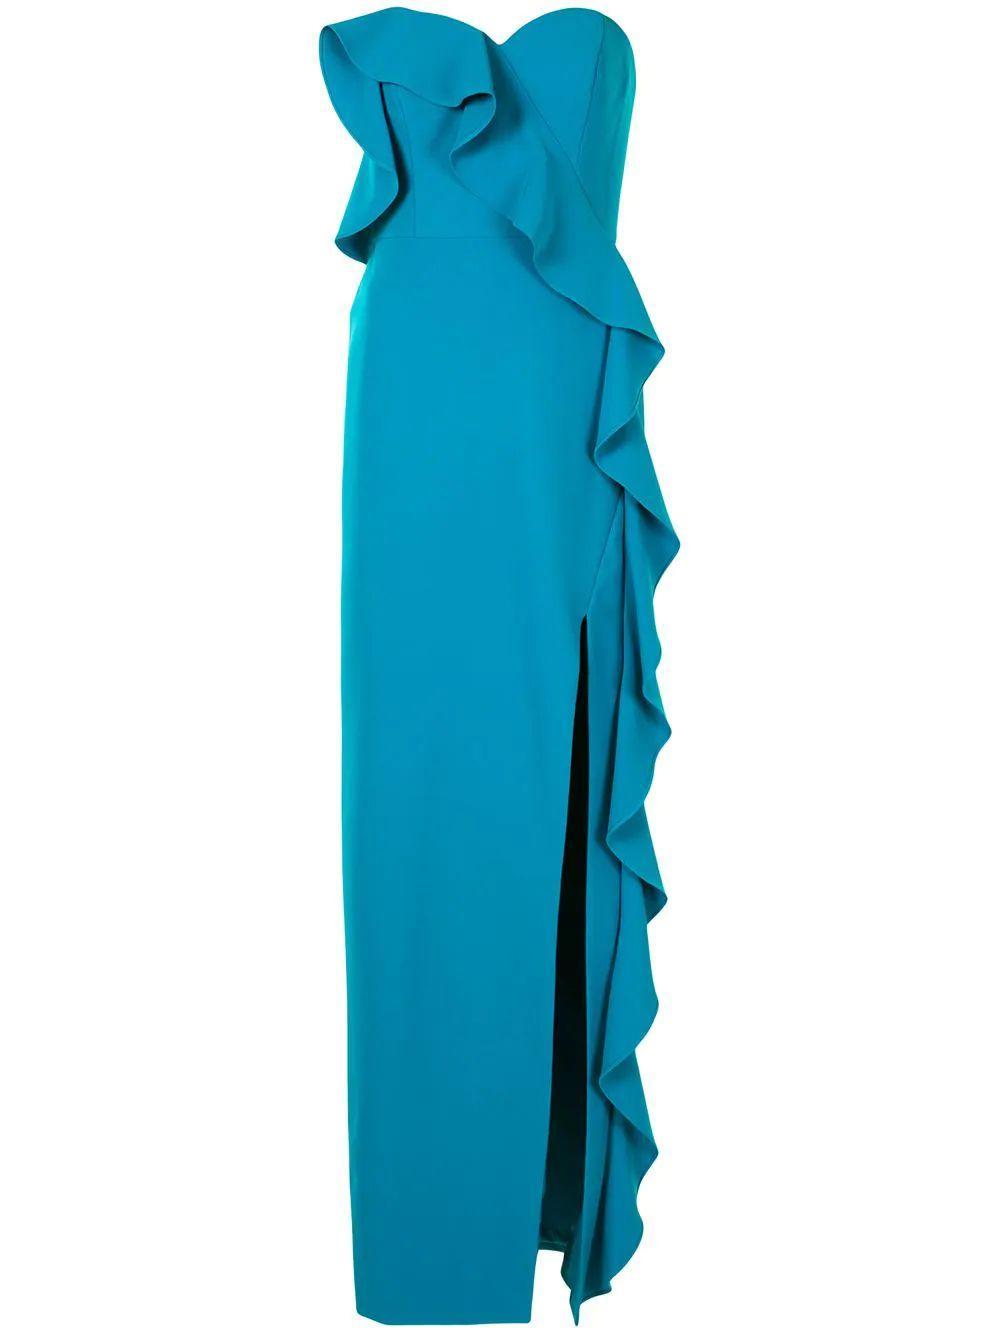 Flounce Strapless Dress